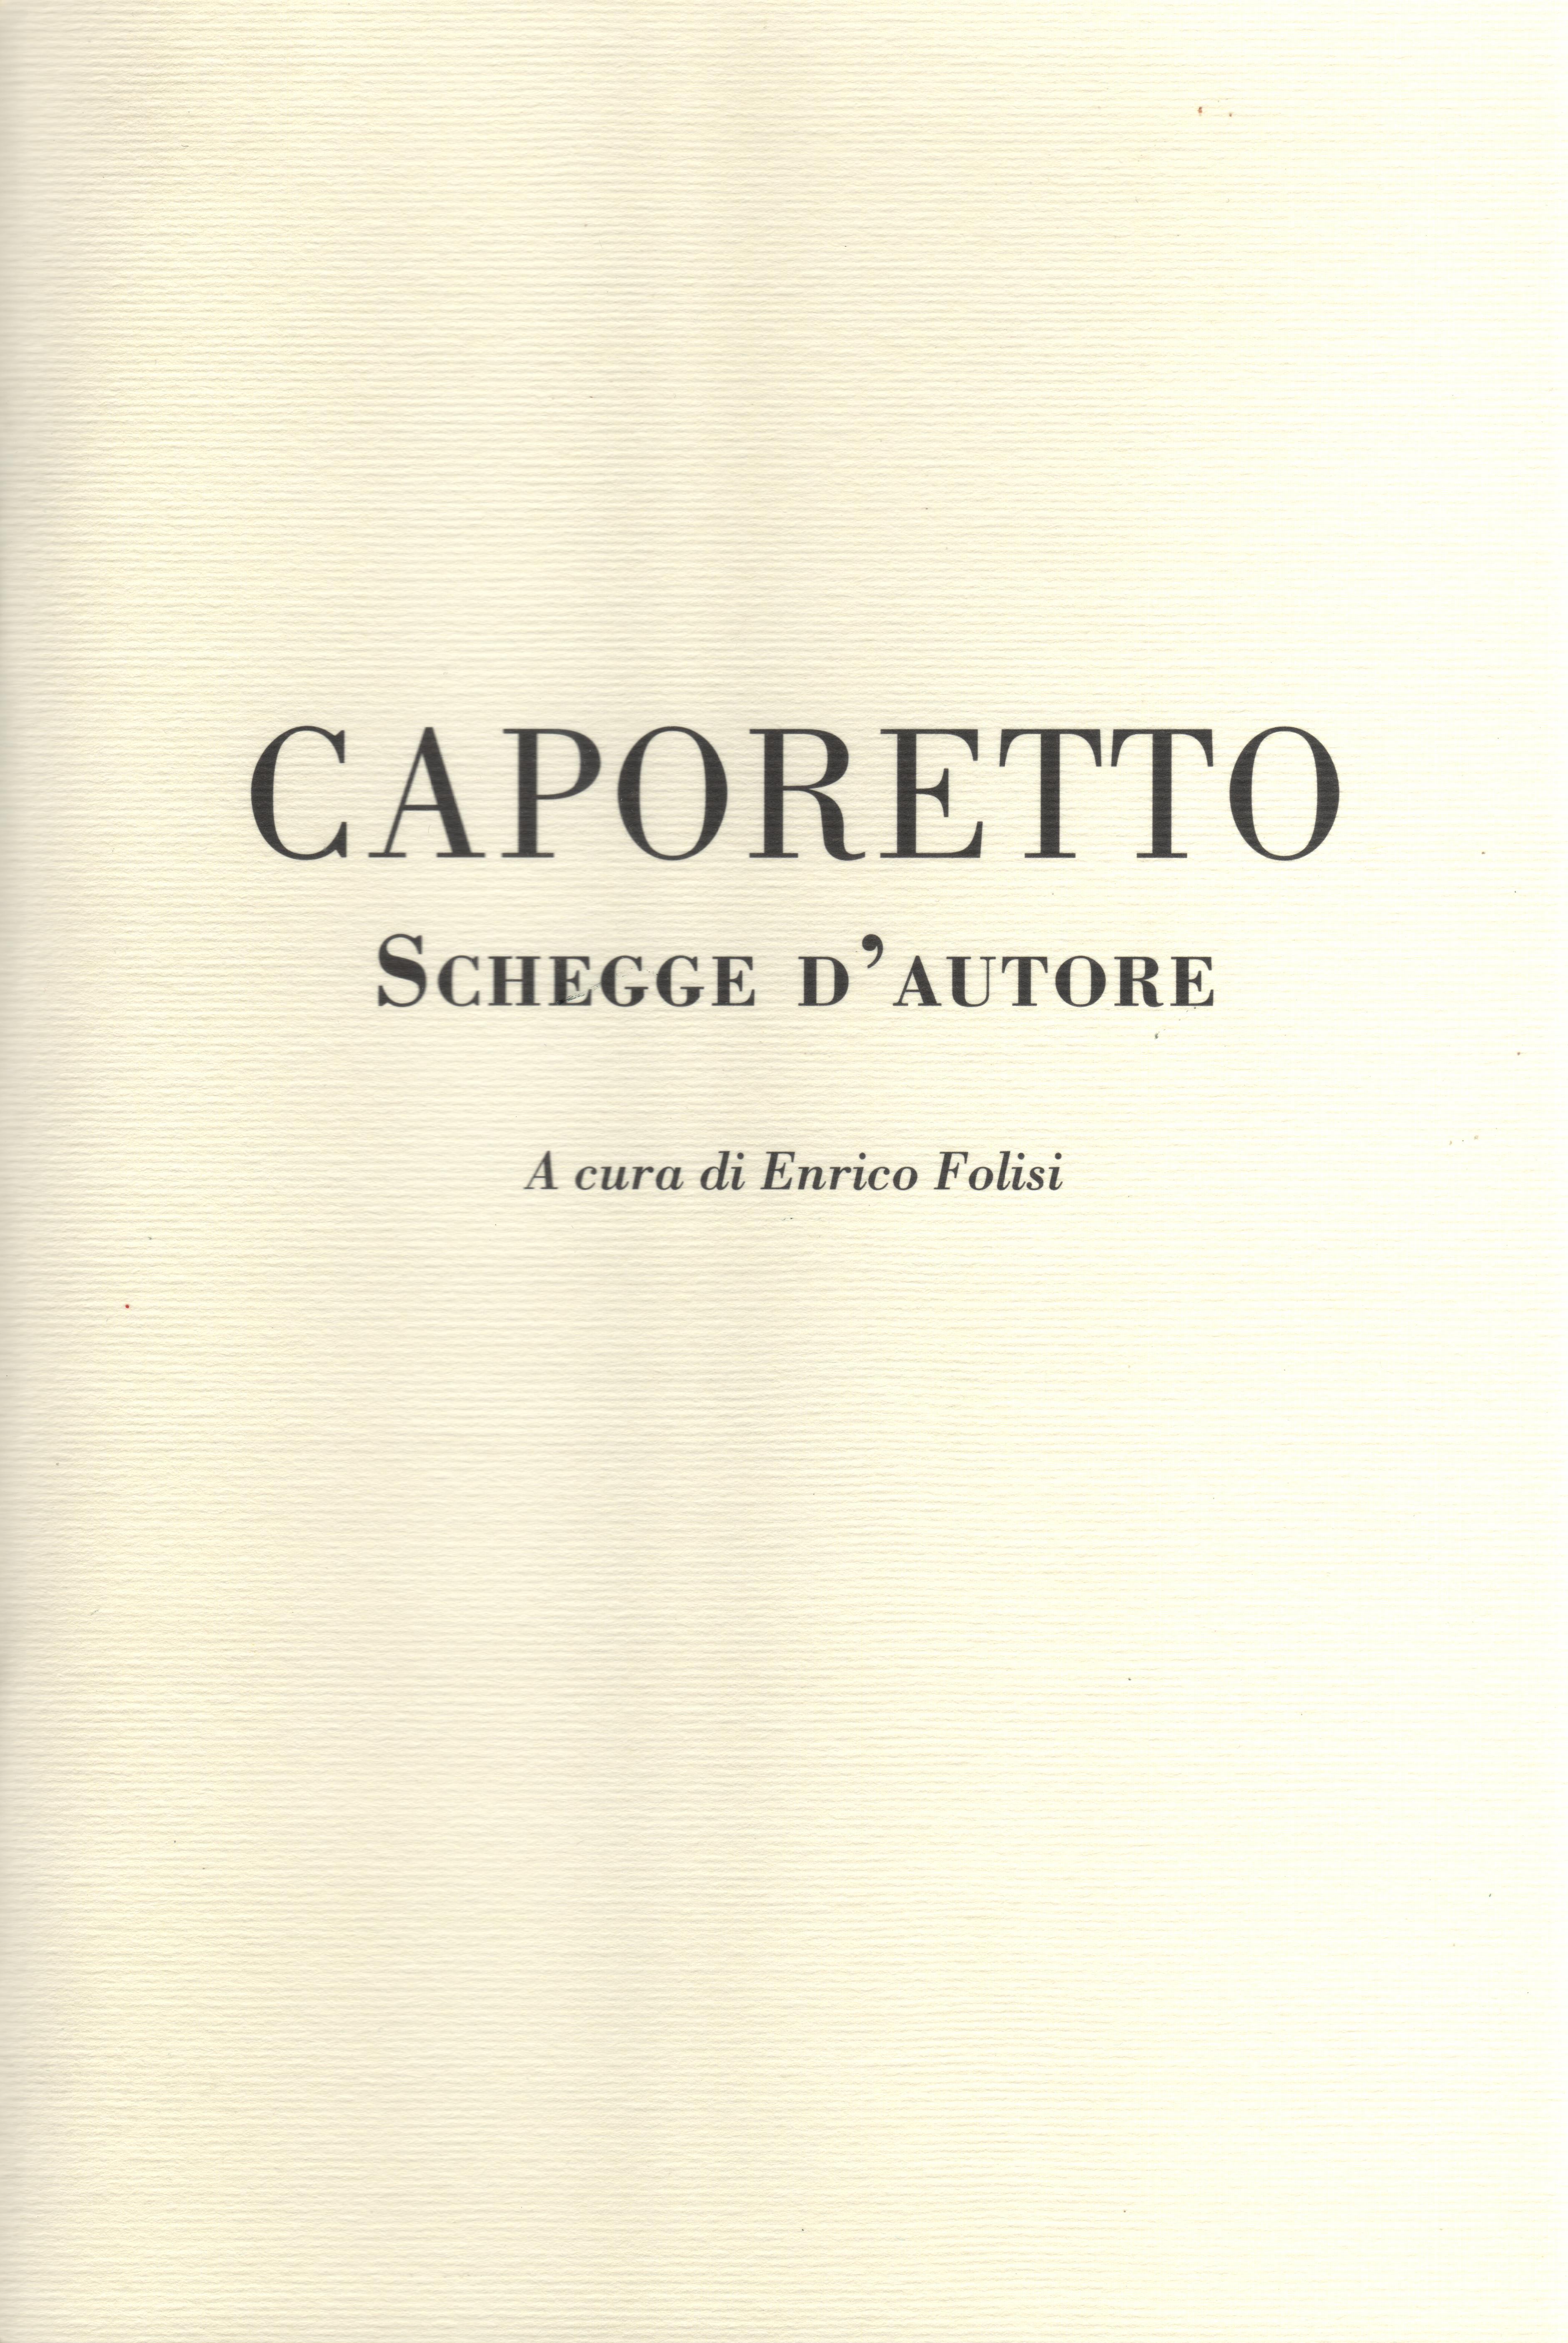 Mario Isnenghi Paolo Pozzato, Oltre Caporetto, Marsilio, Venezia 2018